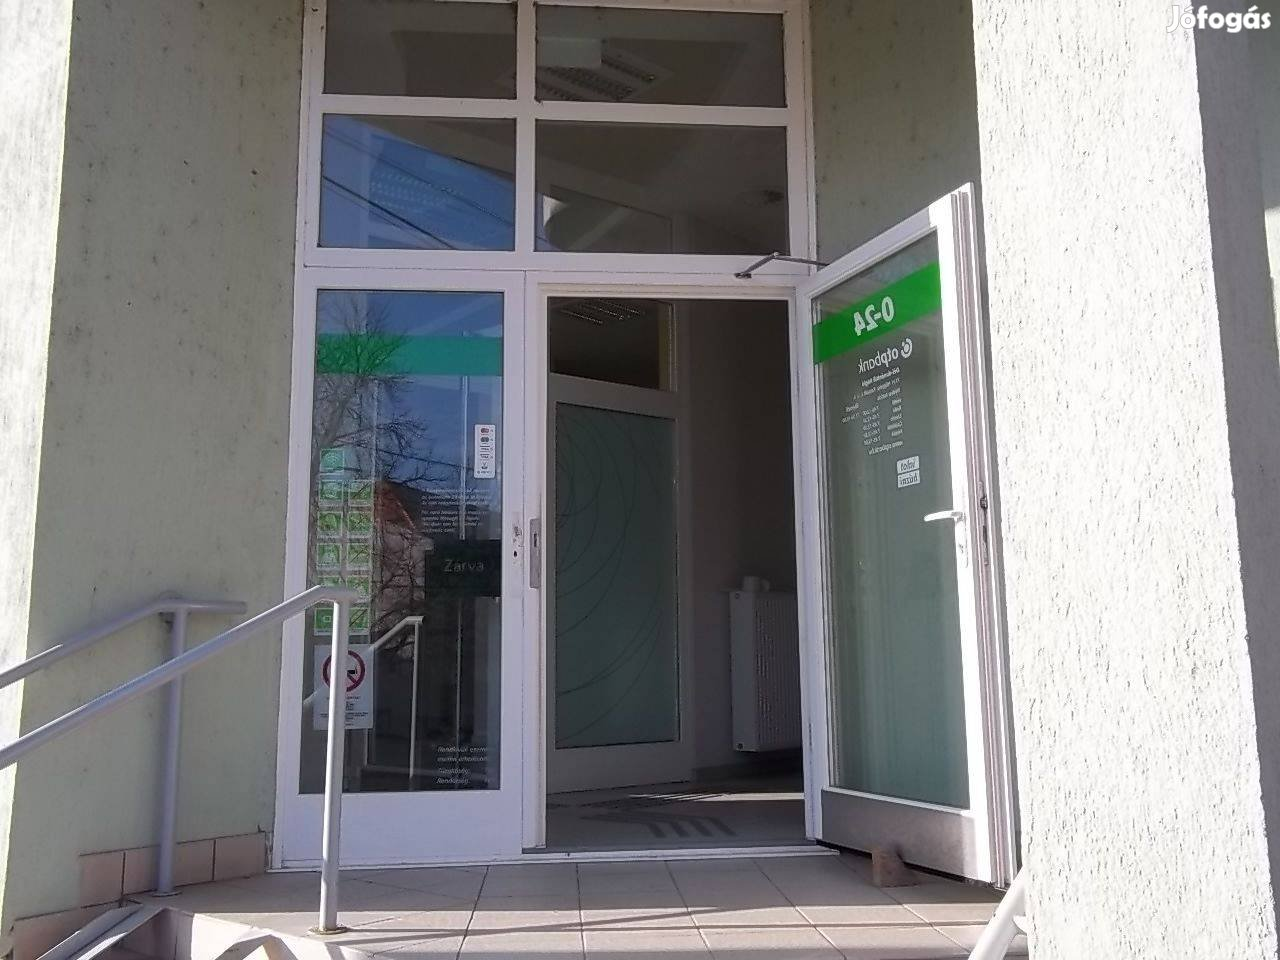 Hőgyész központjában volt OTP fiók épülete eladó